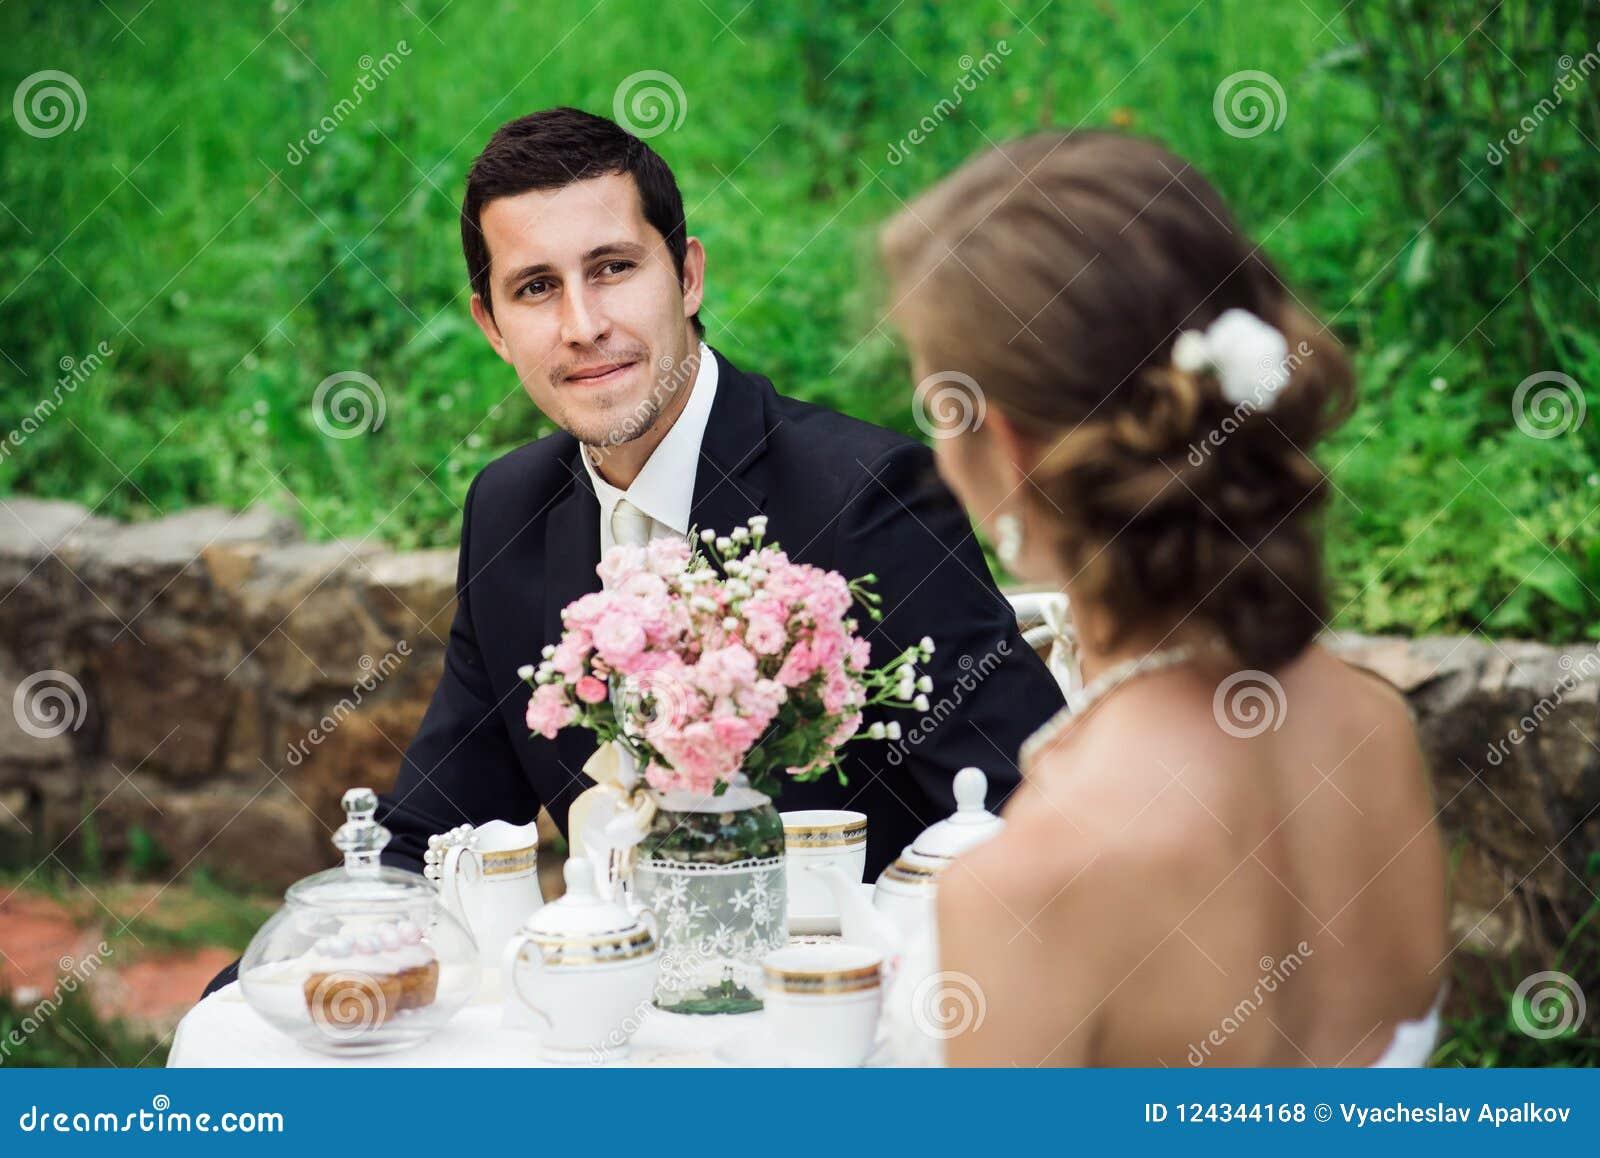 Детеныши холят смотреть услажены на его невесте